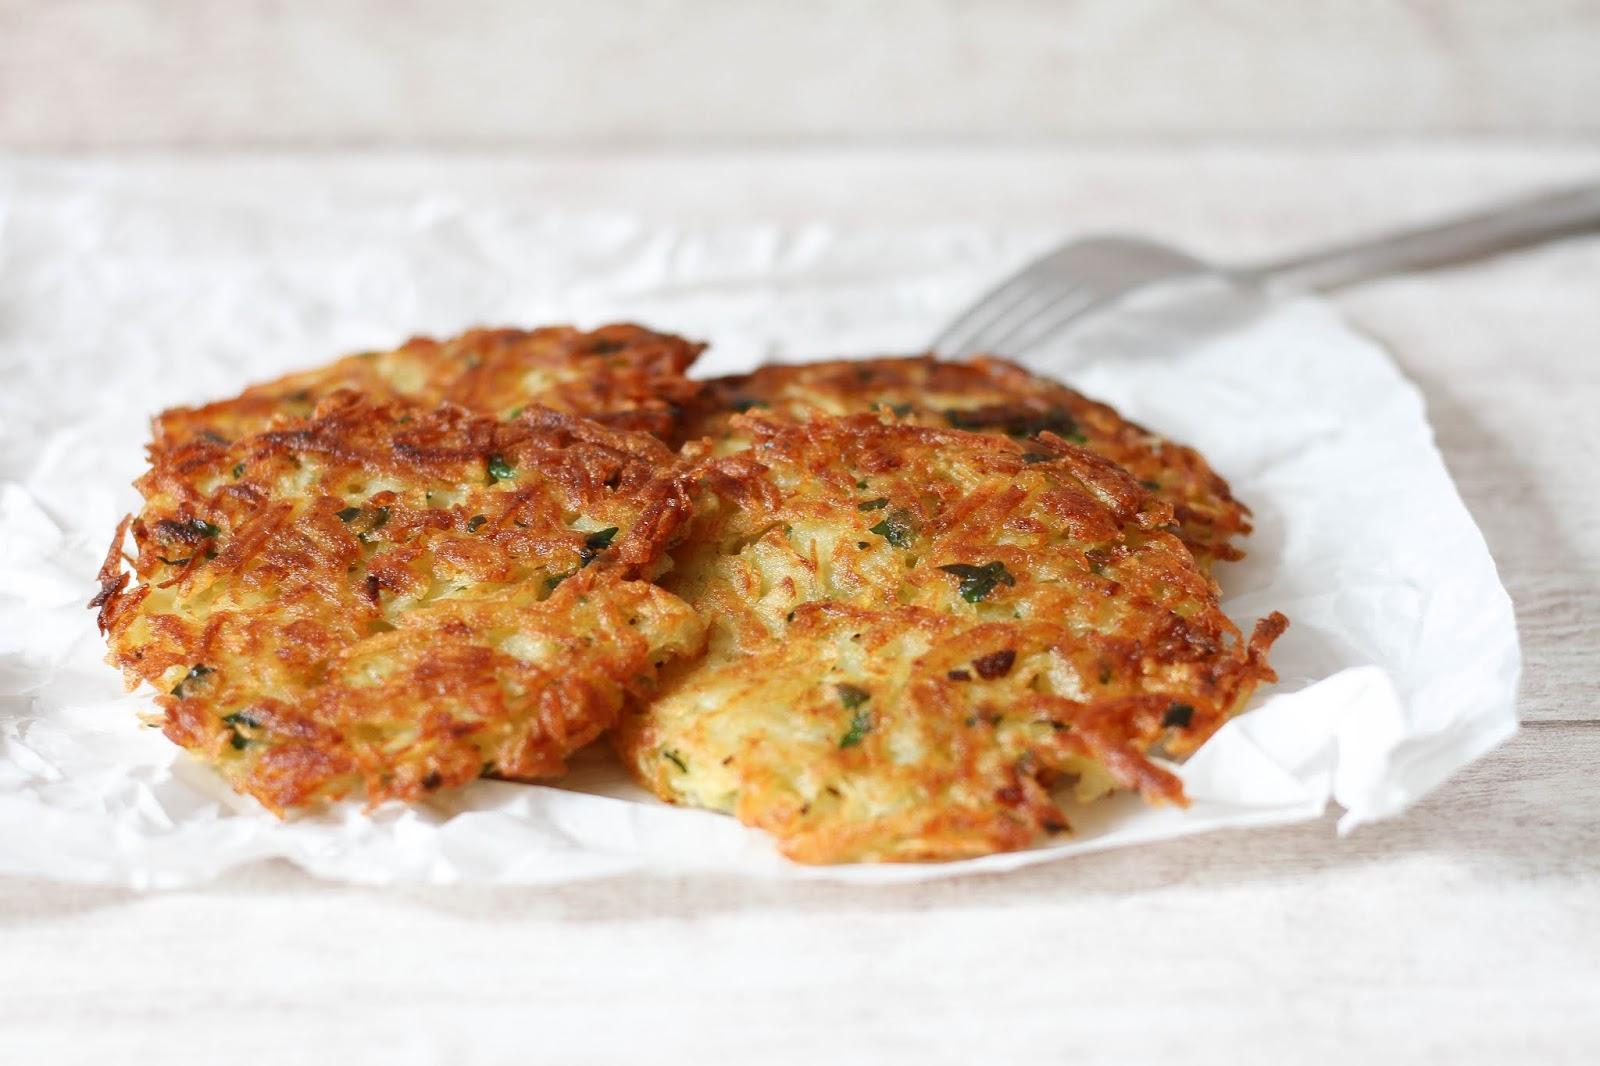 Gromperekichelcher là một món bánh truyền thống và quen thuộc của người dân Luxembourg